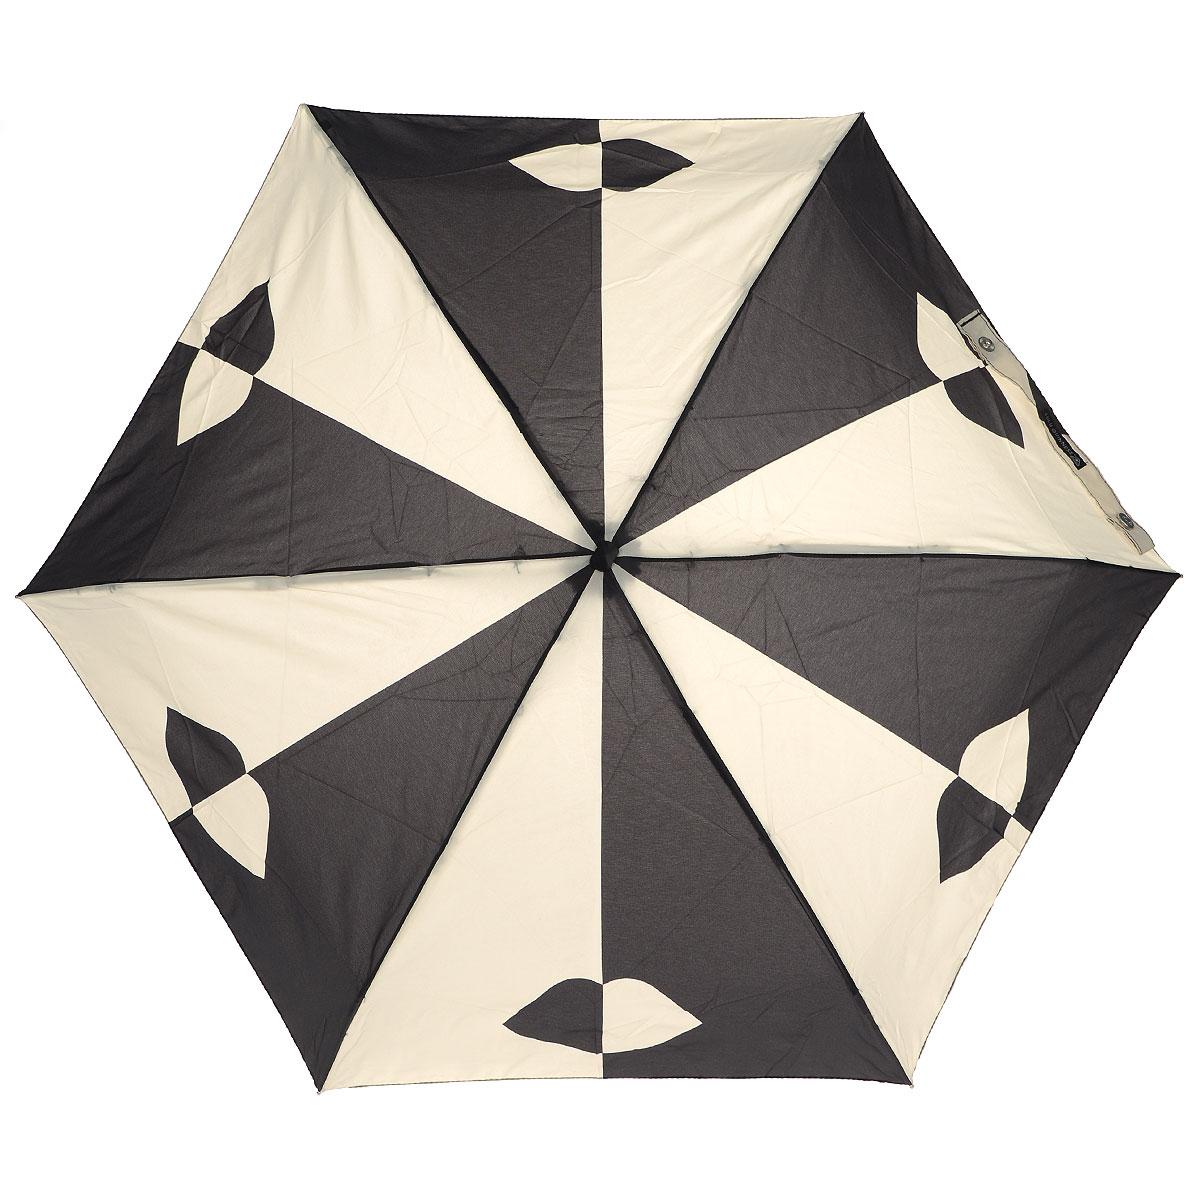 """Зонт женский Lulu Guinness Stone Black Lips, механический, 5 сложений, цвет: черный, бежевыйП250071001-22Стильный зонт """"Stone Black Lips"""" защитит от непогоды, а его сверхкомпактный размер позволит вам всегда носить его с собой. """"Ветростойкий"""" каркас зонта выполнен из алюминия и состоит из шести спиц с элементами из фибергласса, зонт оснащен удобной рукояткой из прорезиненного пластика. Купол зонта выполнен из прочного полиэстера и оформлен принтом в виде губ. На рукоятке для удобства есть небольшой шнурок, позволяющий надеть зонт на руку тогда, когда это будет необходимо. К зонту прилагается чехол.Зонт механического сложения: купол открывается и закрывается вручную, стержень также складывается вручную до характерного щелчка. Характеристики: Материал: алюминий, фибергласс, пластик, полиэстер. Цвет: черный, бежевый. Диаметр купола: 87 см. Длина зонта в сложенном виде: 15 см. Длина ручки (стержня) в раскрытом виде:50 см.Вес: 158 г. Артикул: L717 3F2679."""